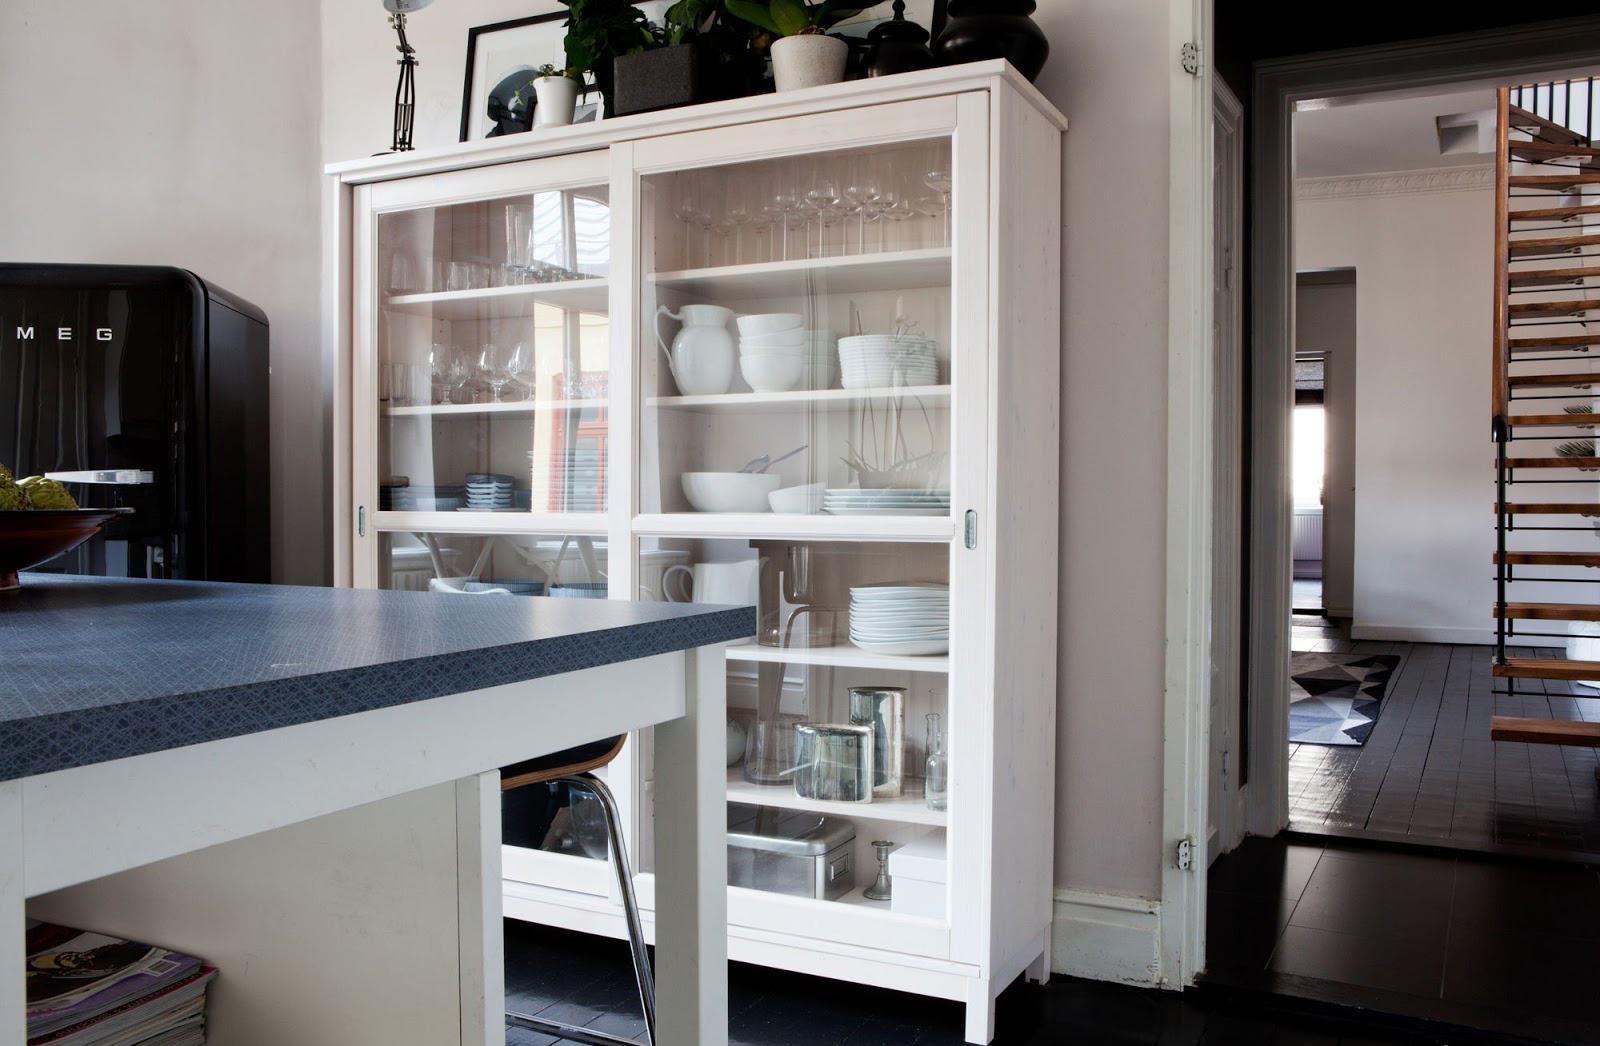 Шкаф для посуды для кухни виды и функциональные особенности